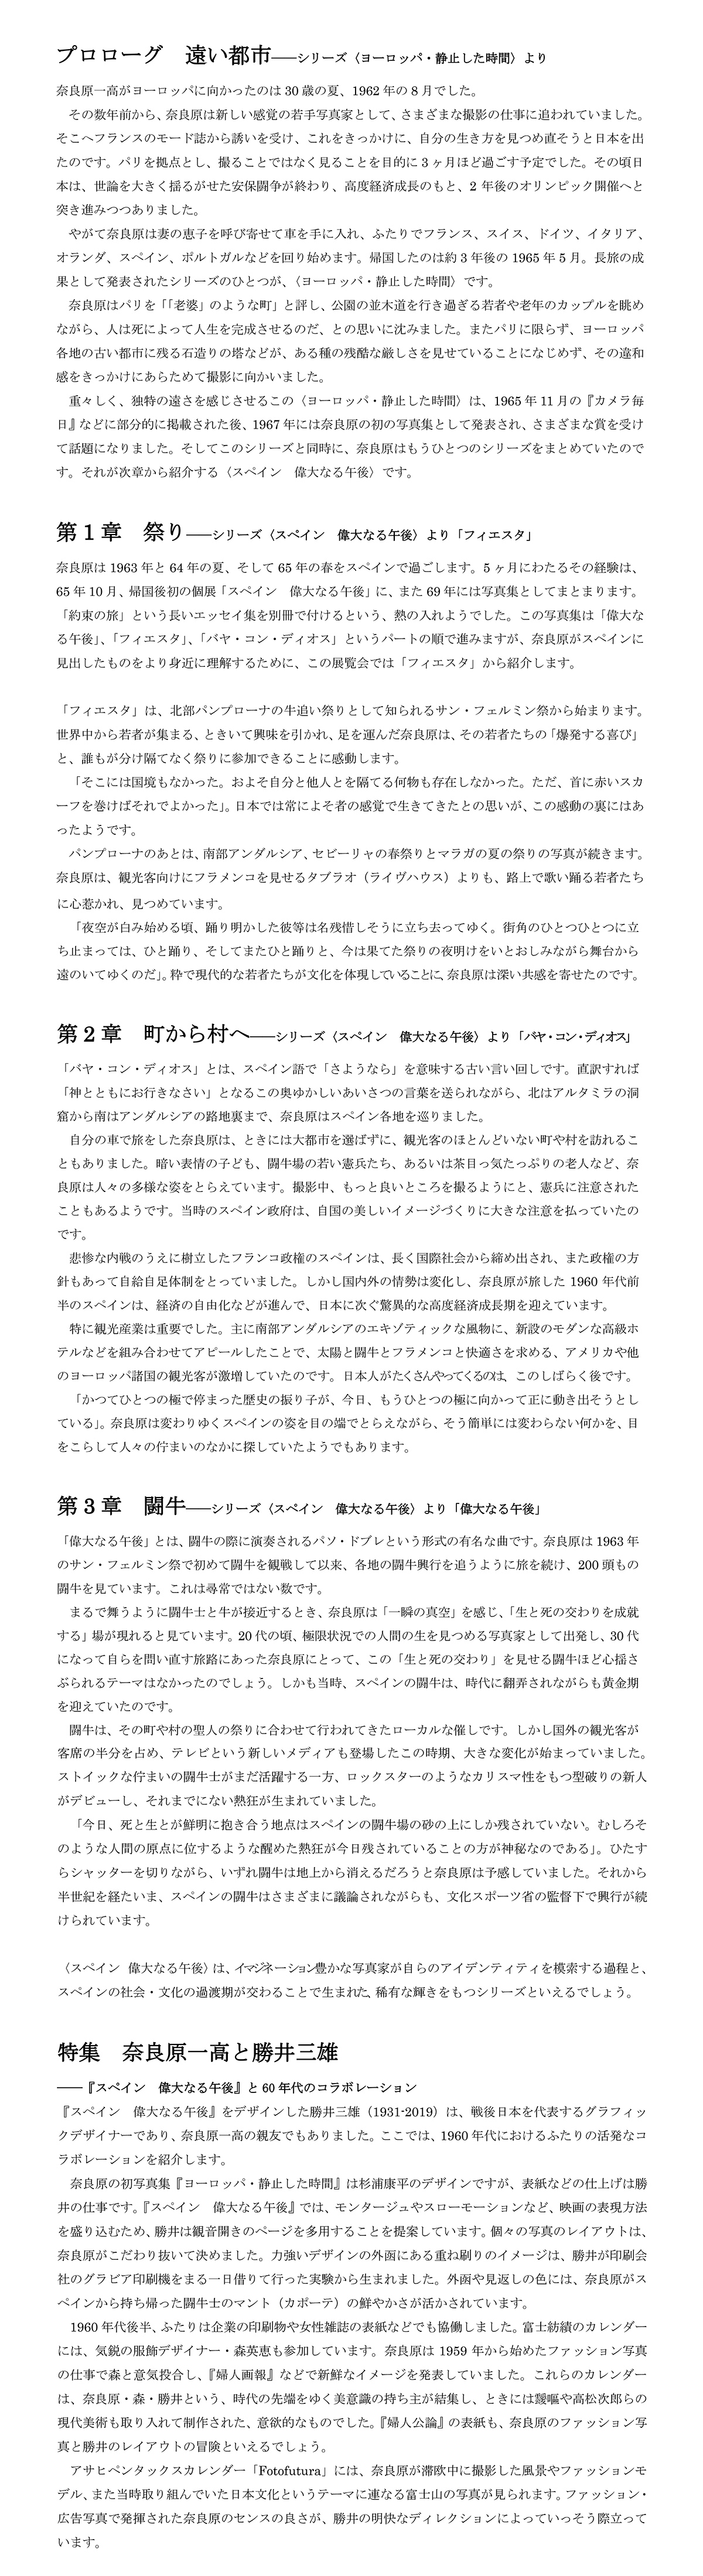 200124_narahara03.jpg